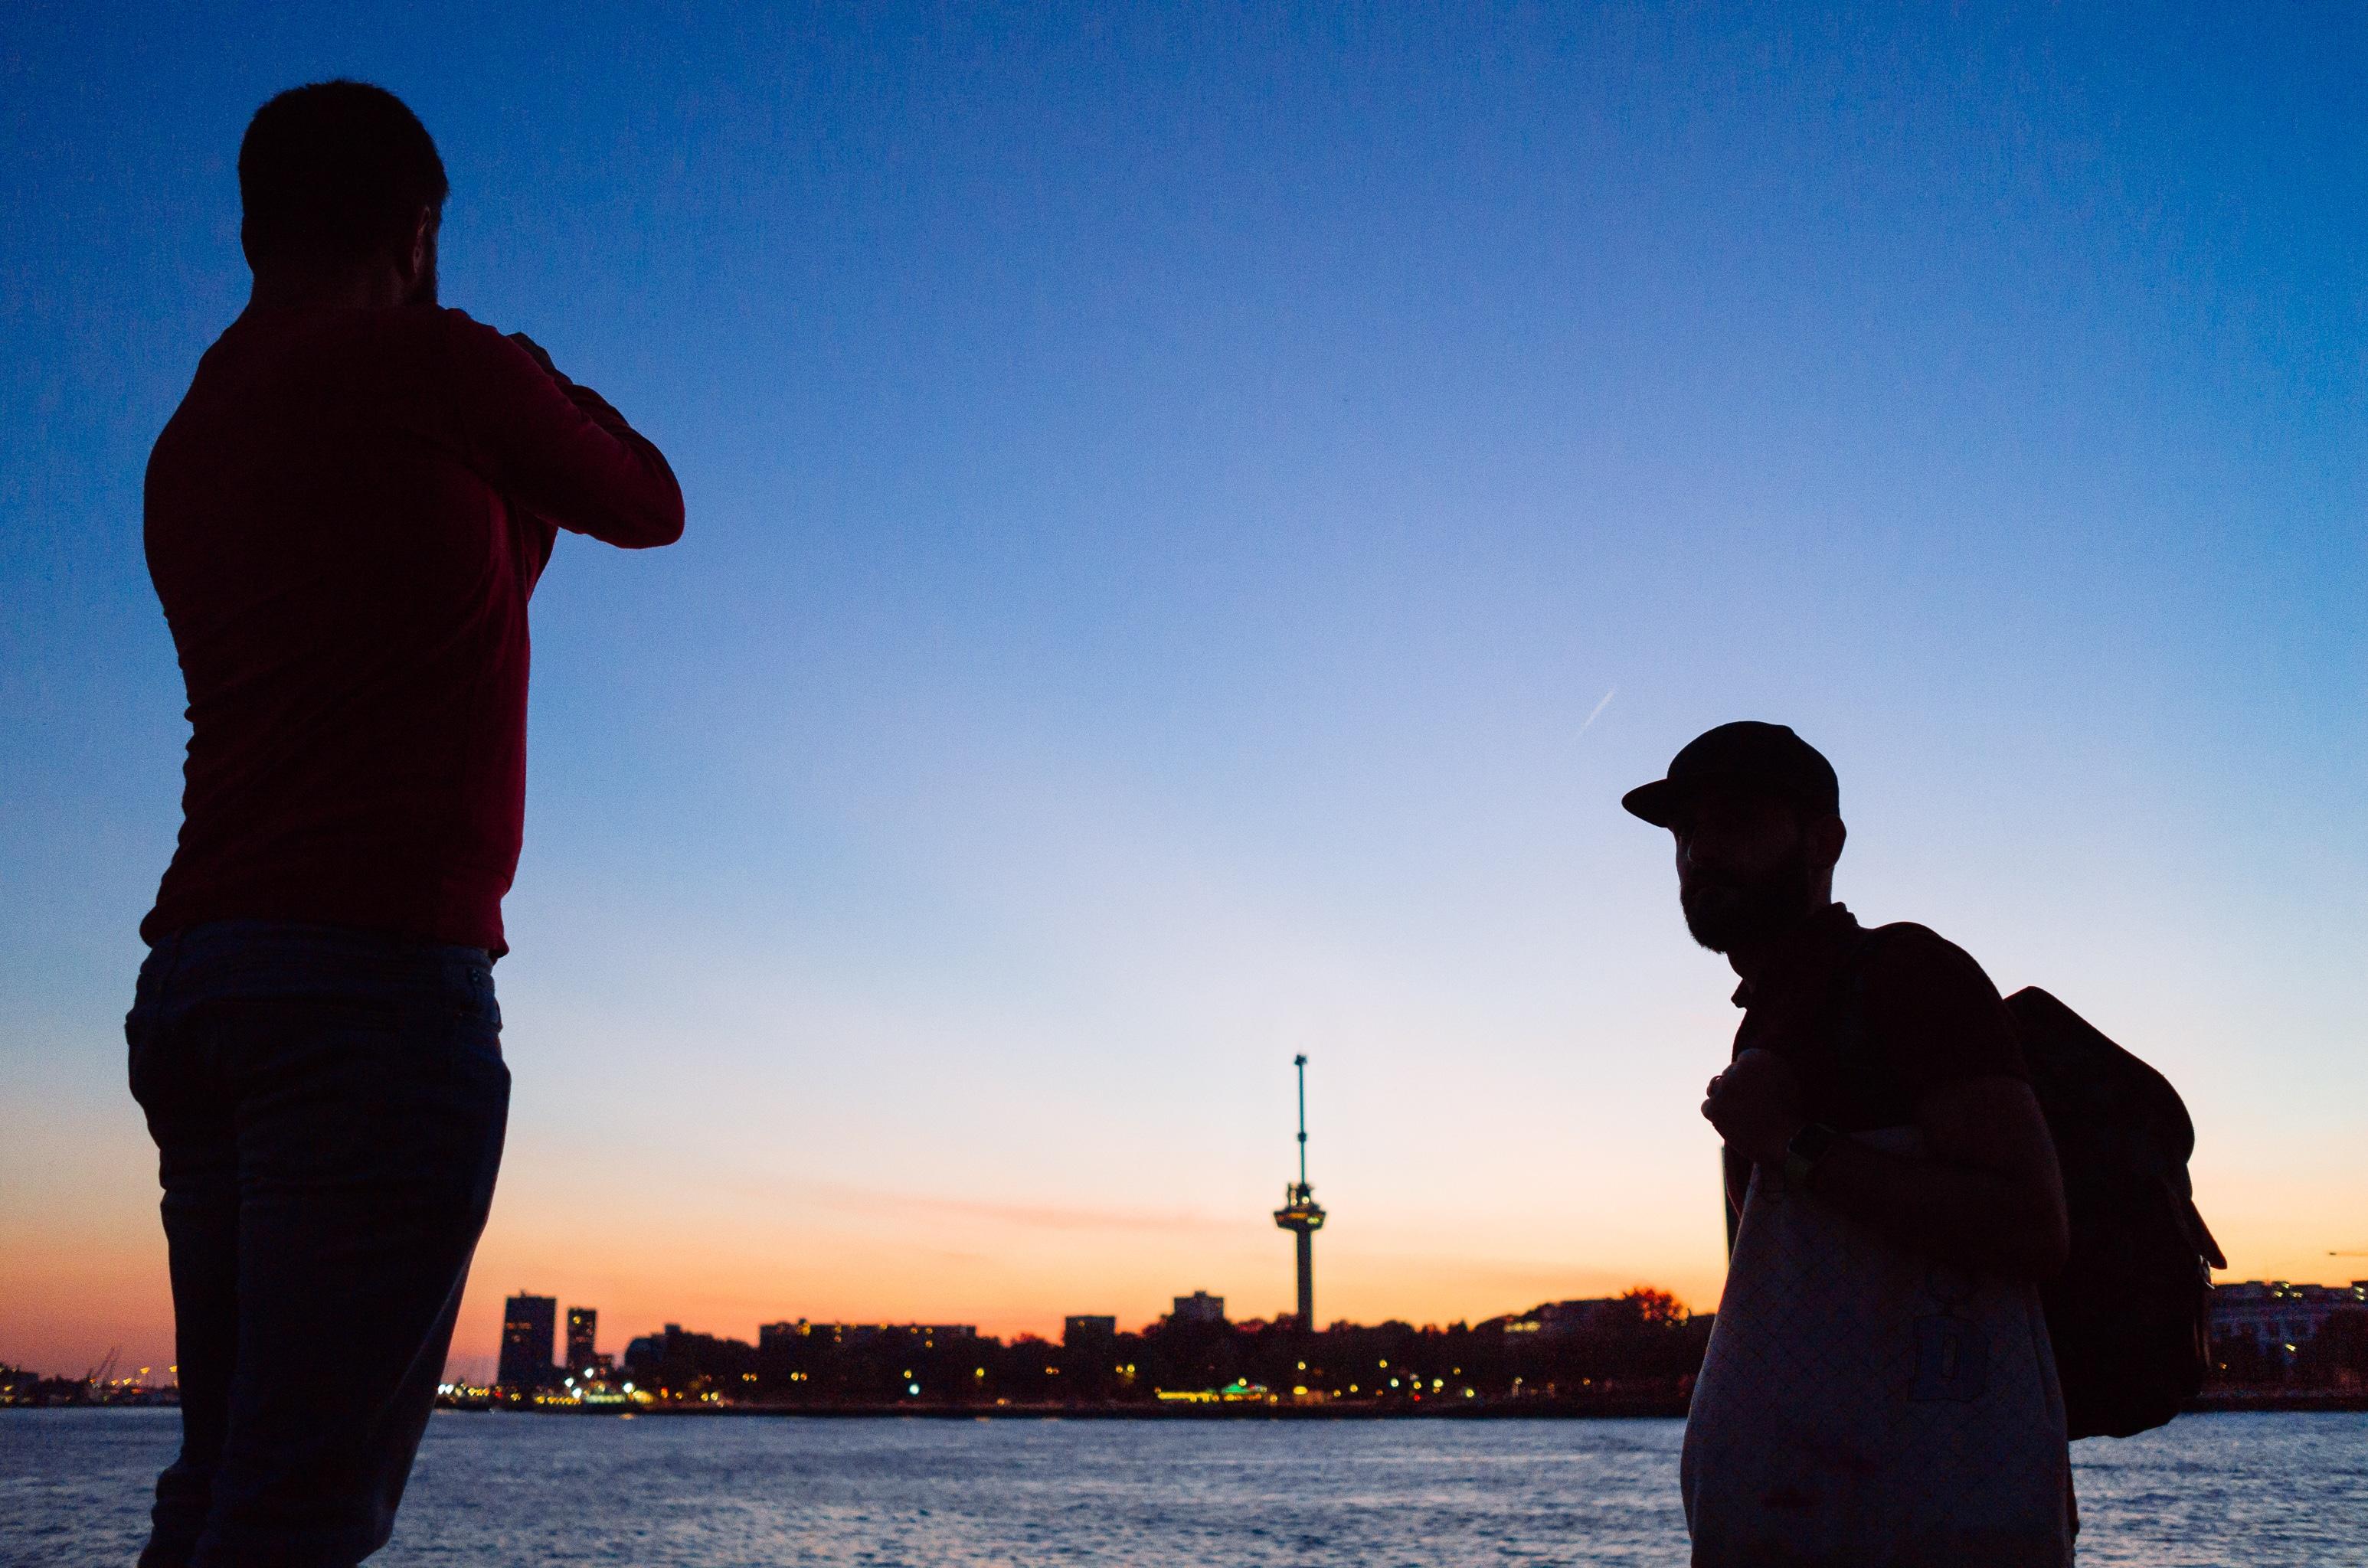 Leica_X-E_Article_Jip_van_Kuijk_25